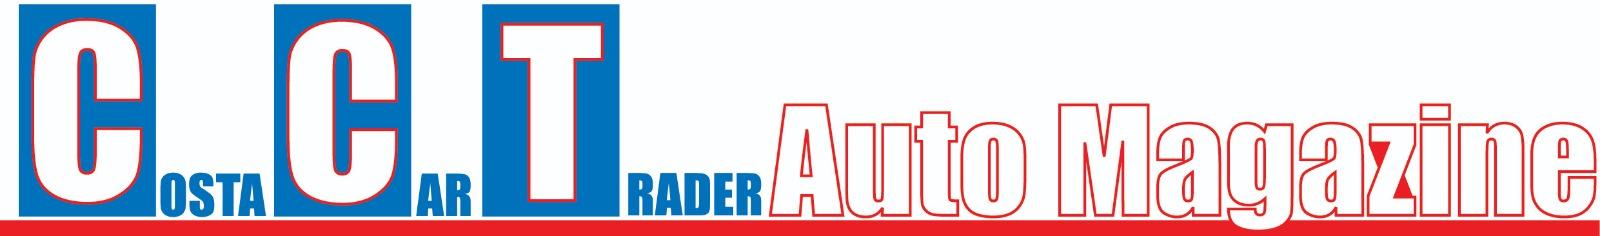 Costa Car Trader